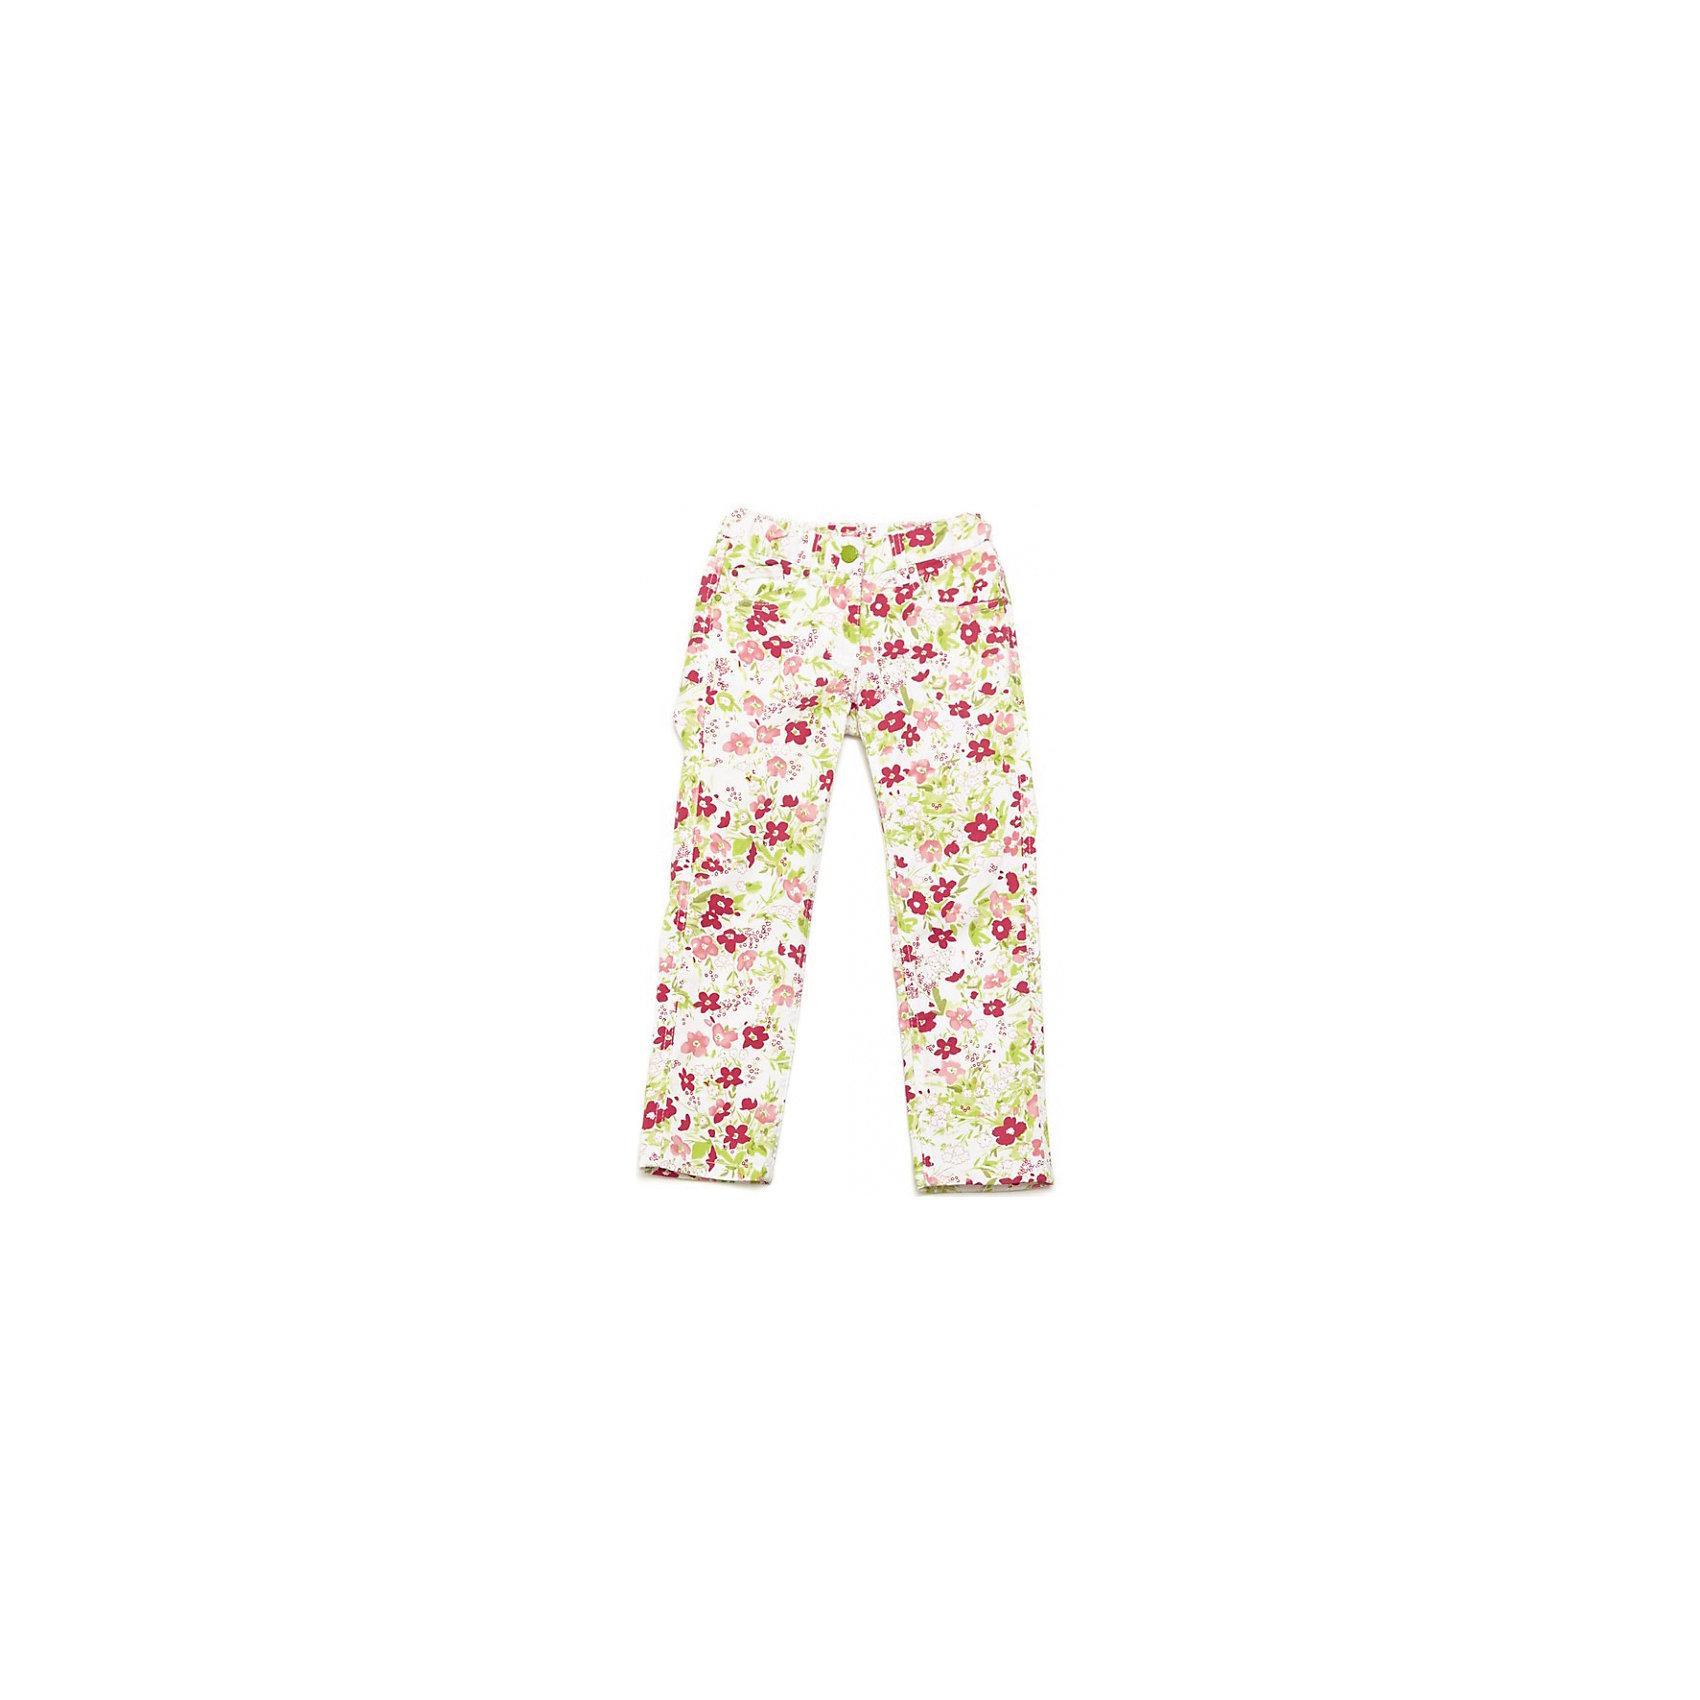 Брюки для девочки PlayTodayМягкие хлопковые брюки. Украшены нежными цветочками. Застегиваются на молнию и пуговку, есть 4 кармашка и петельки для ремня. Состав: 98% хлопок, 2% эластан<br><br>Ширина мм: 215<br>Глубина мм: 88<br>Высота мм: 191<br>Вес г: 336<br>Цвет: белый<br>Возраст от месяцев: 36<br>Возраст до месяцев: 48<br>Пол: Женский<br>Возраст: Детский<br>Размер: 104,110,122,128,98,116<br>SKU: 4652353